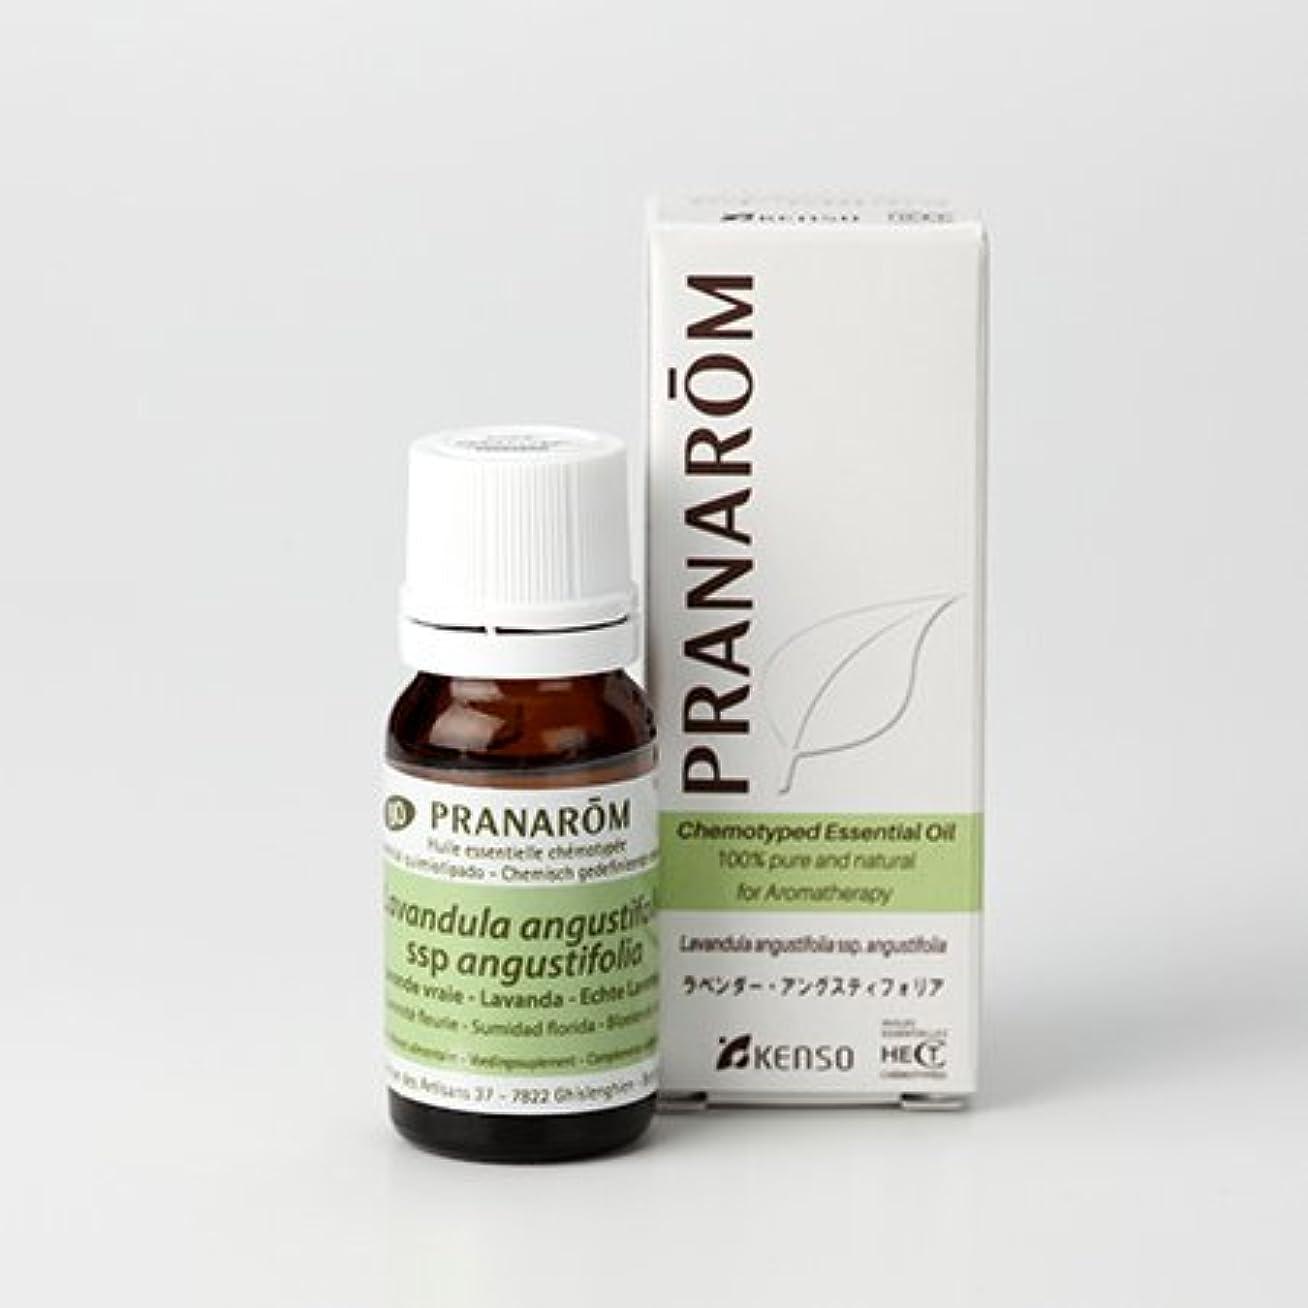 加入電話をかけるドラッグプラナロム精油(P-098 ラベンダーアングスティフォリア?10ml)